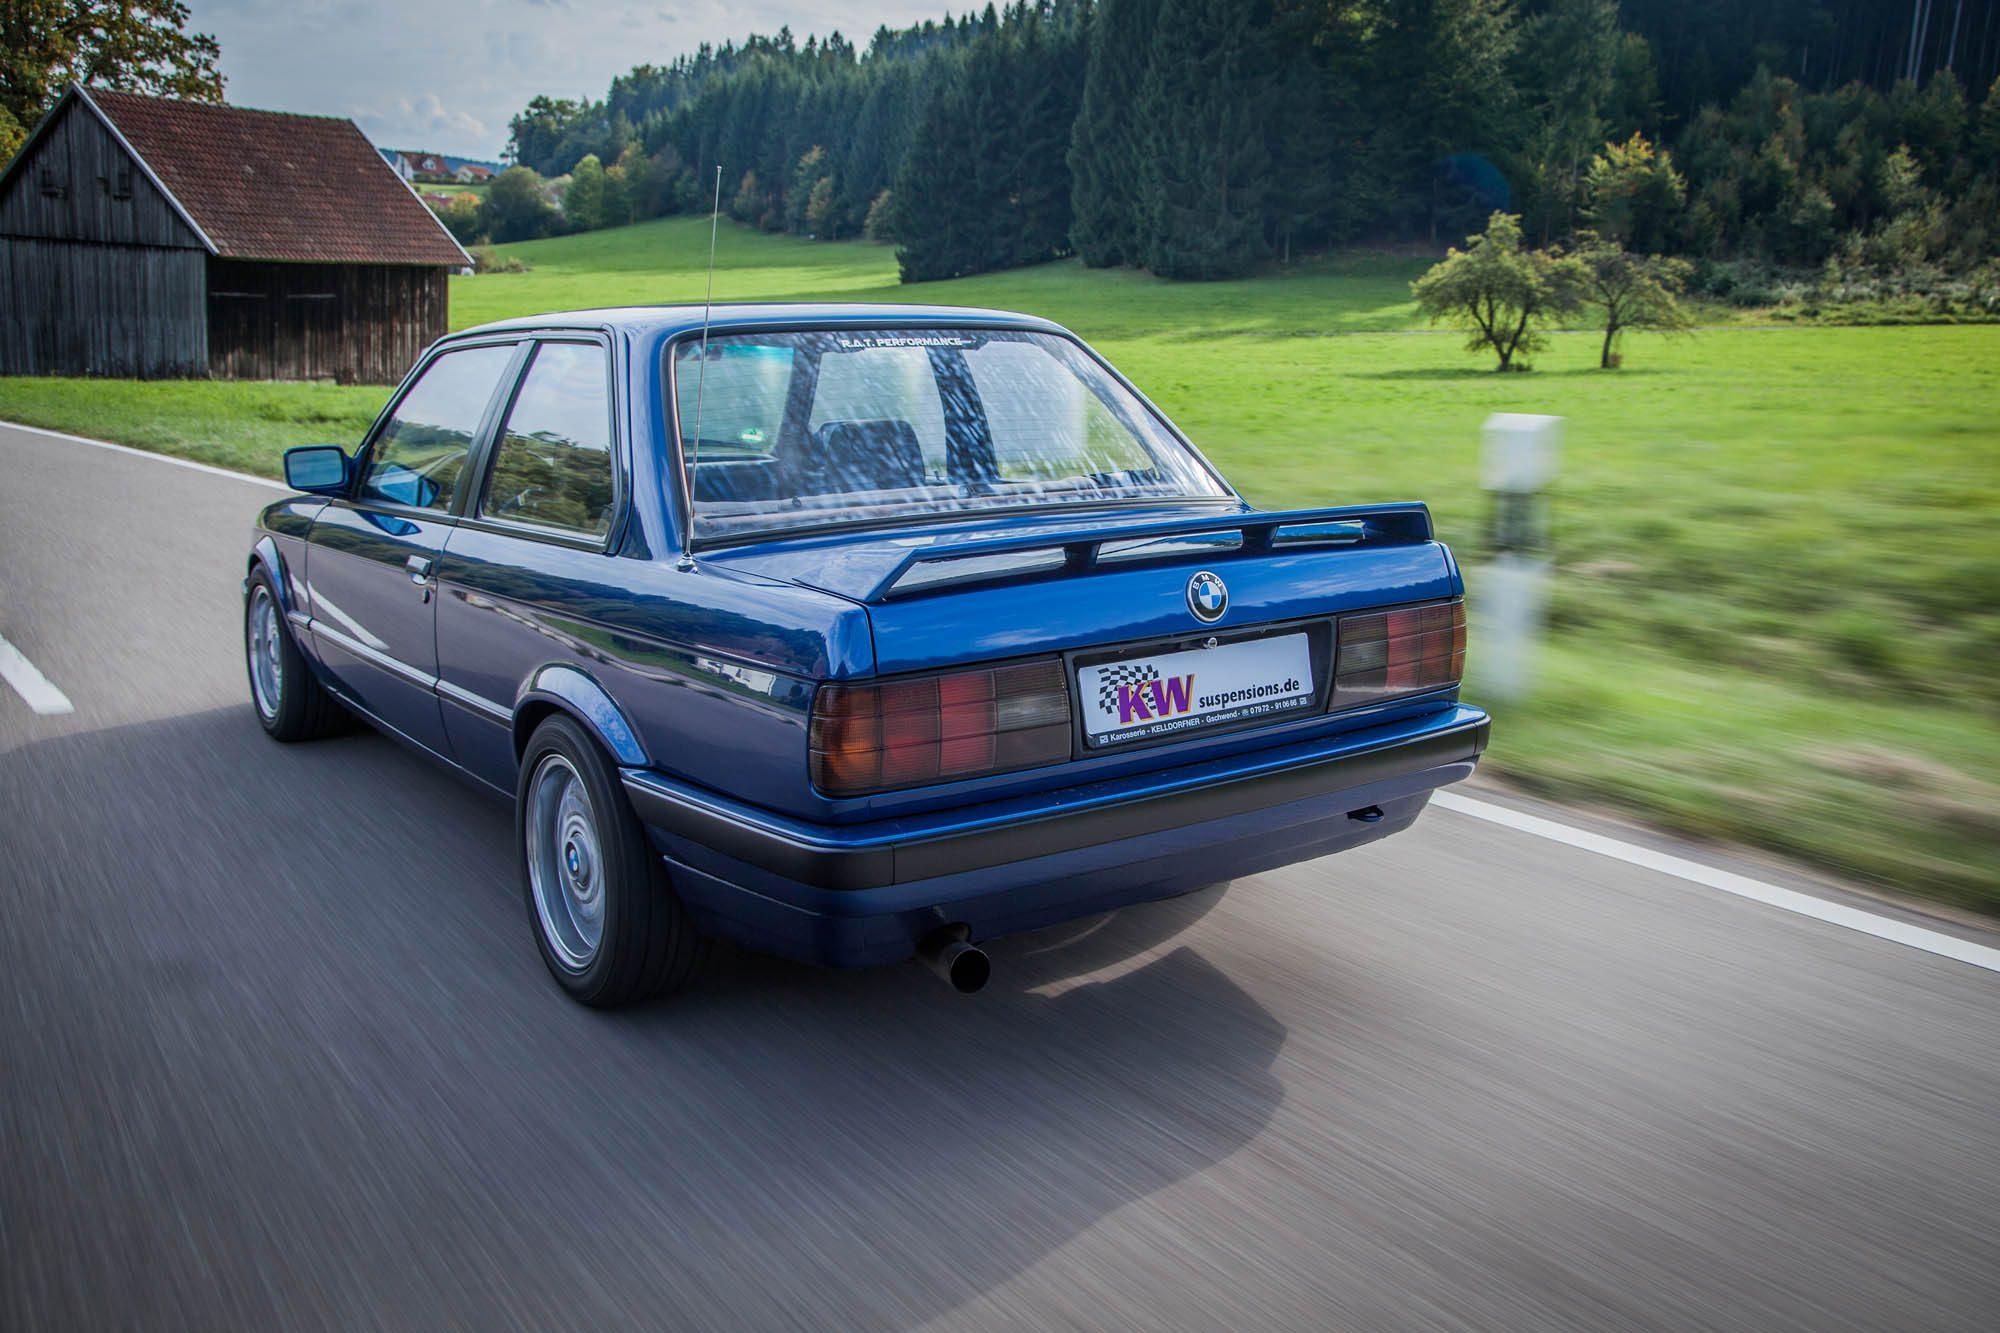 Fahraufnahme des BMW 3er E30